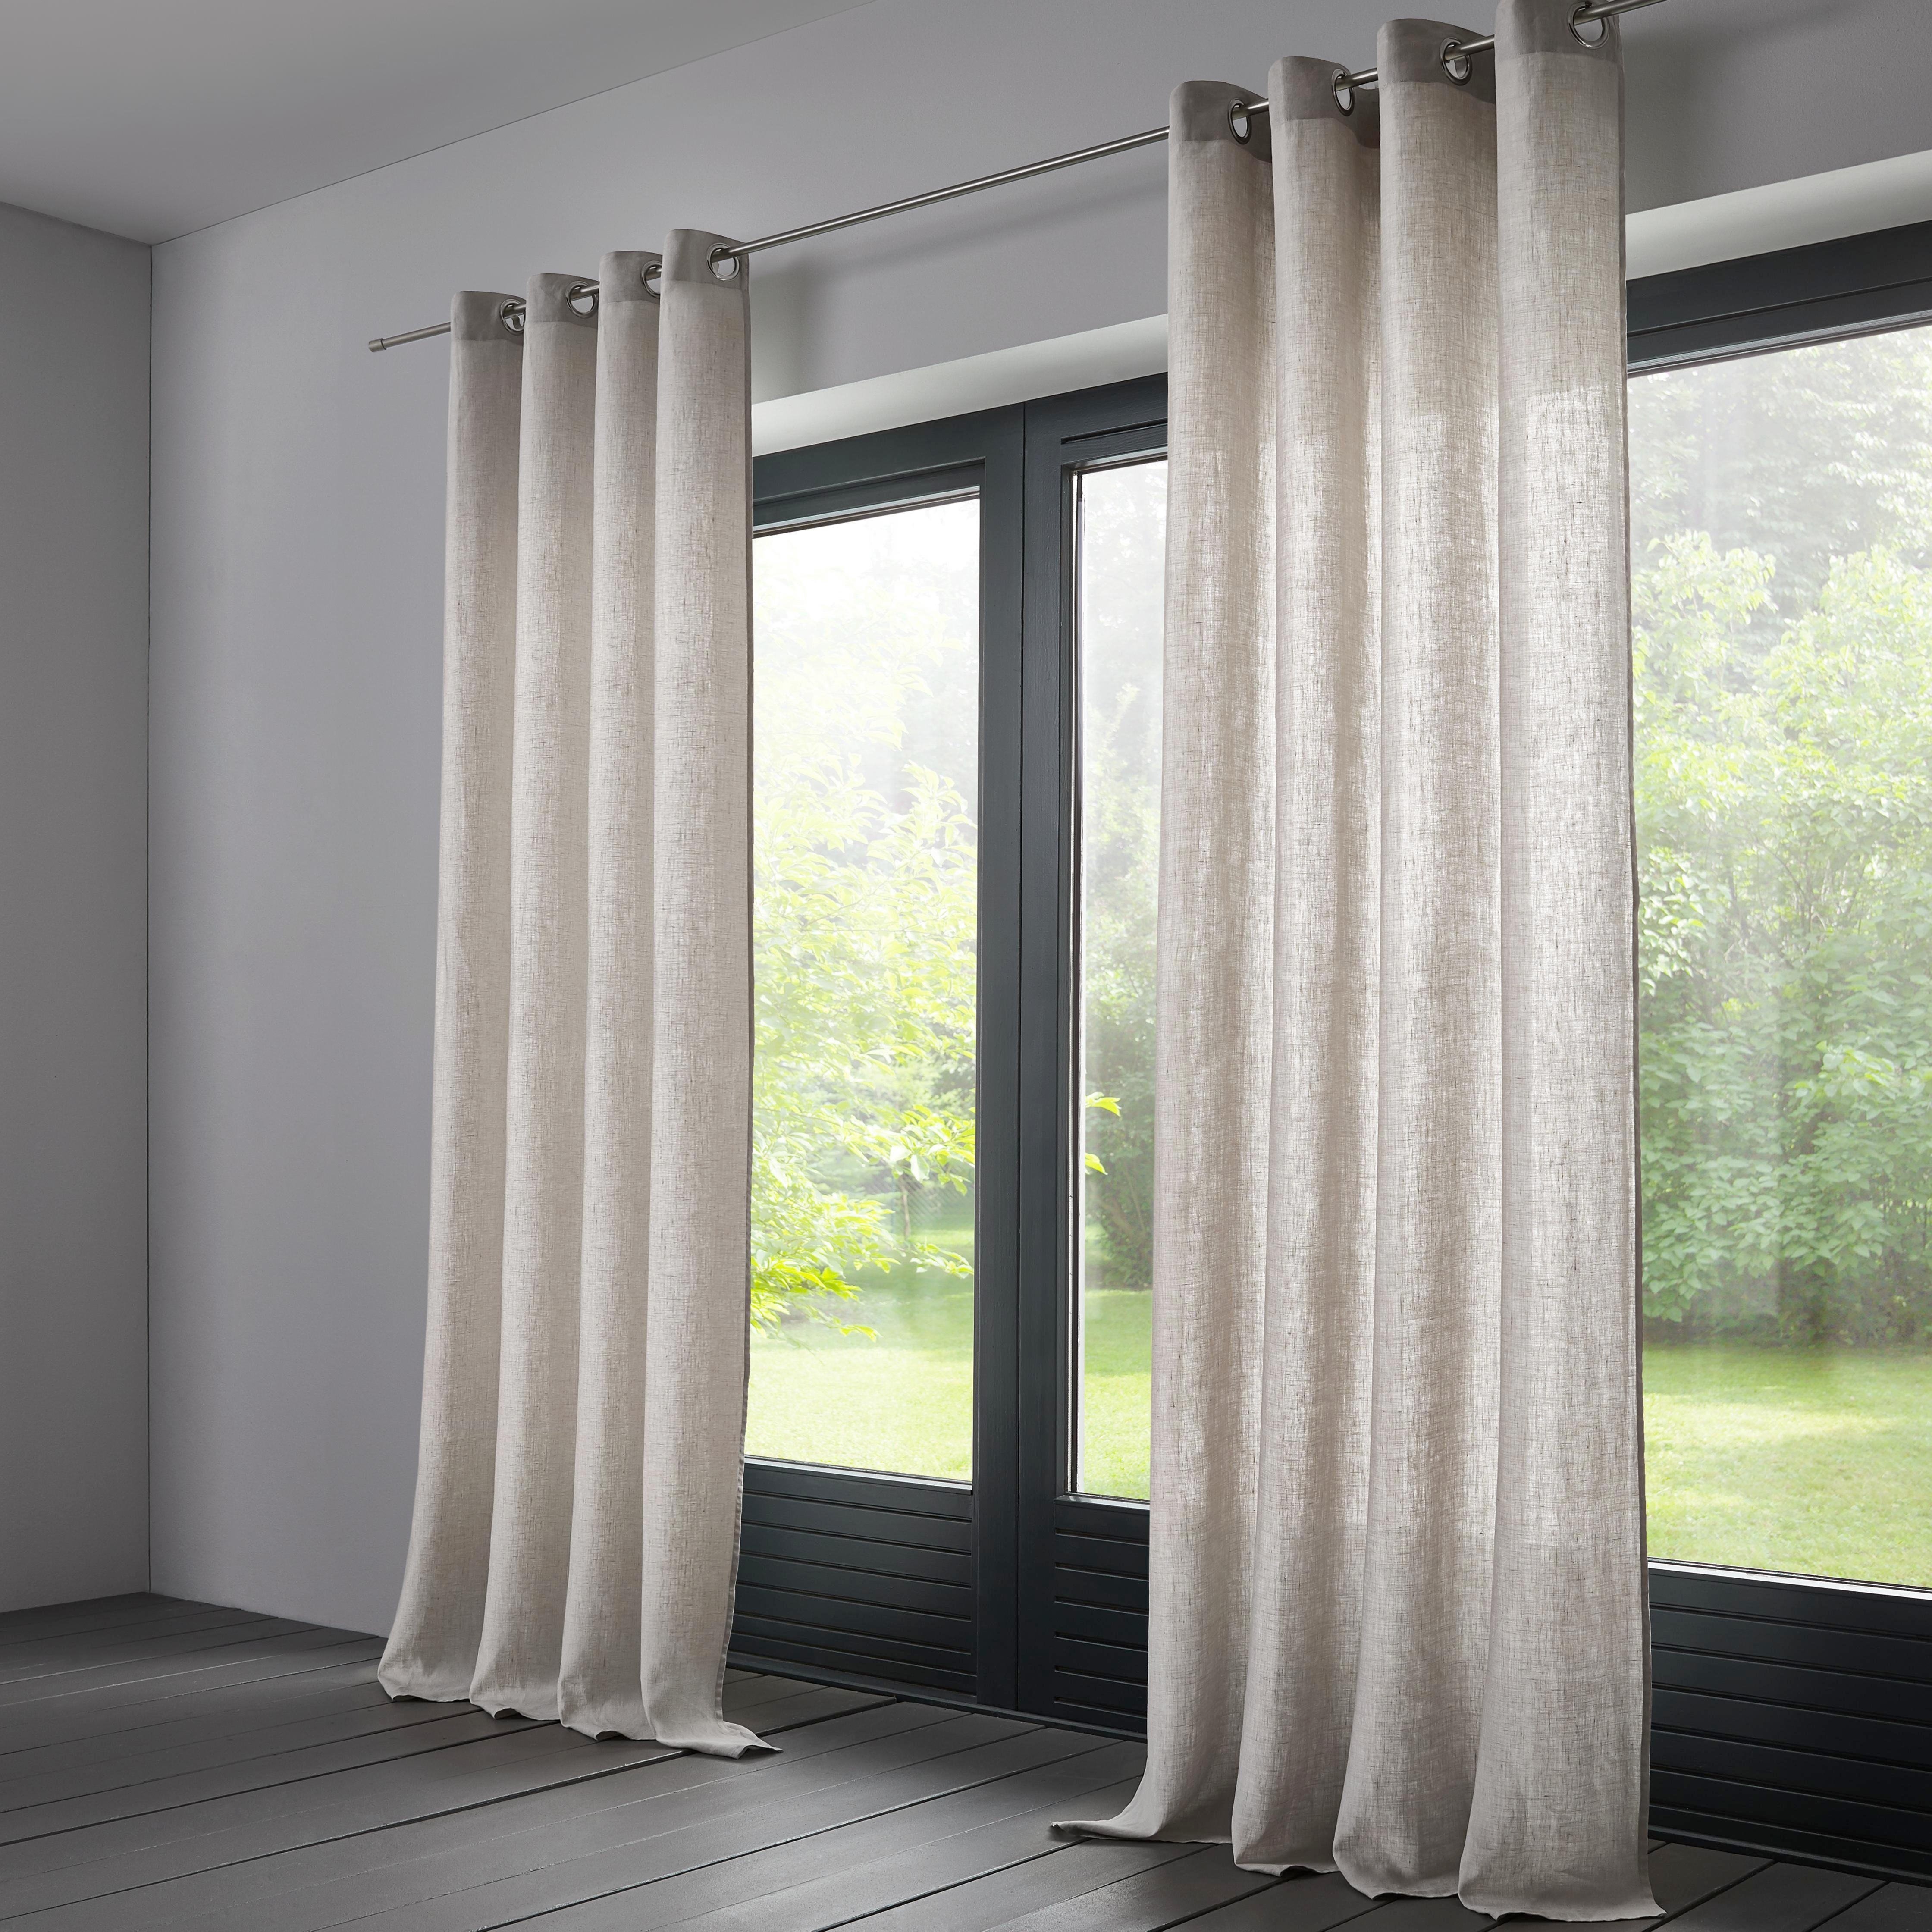 plissee und gardinen kombinieren trendy online shop gardinen raffrollos plissee tischdecken. Black Bedroom Furniture Sets. Home Design Ideas